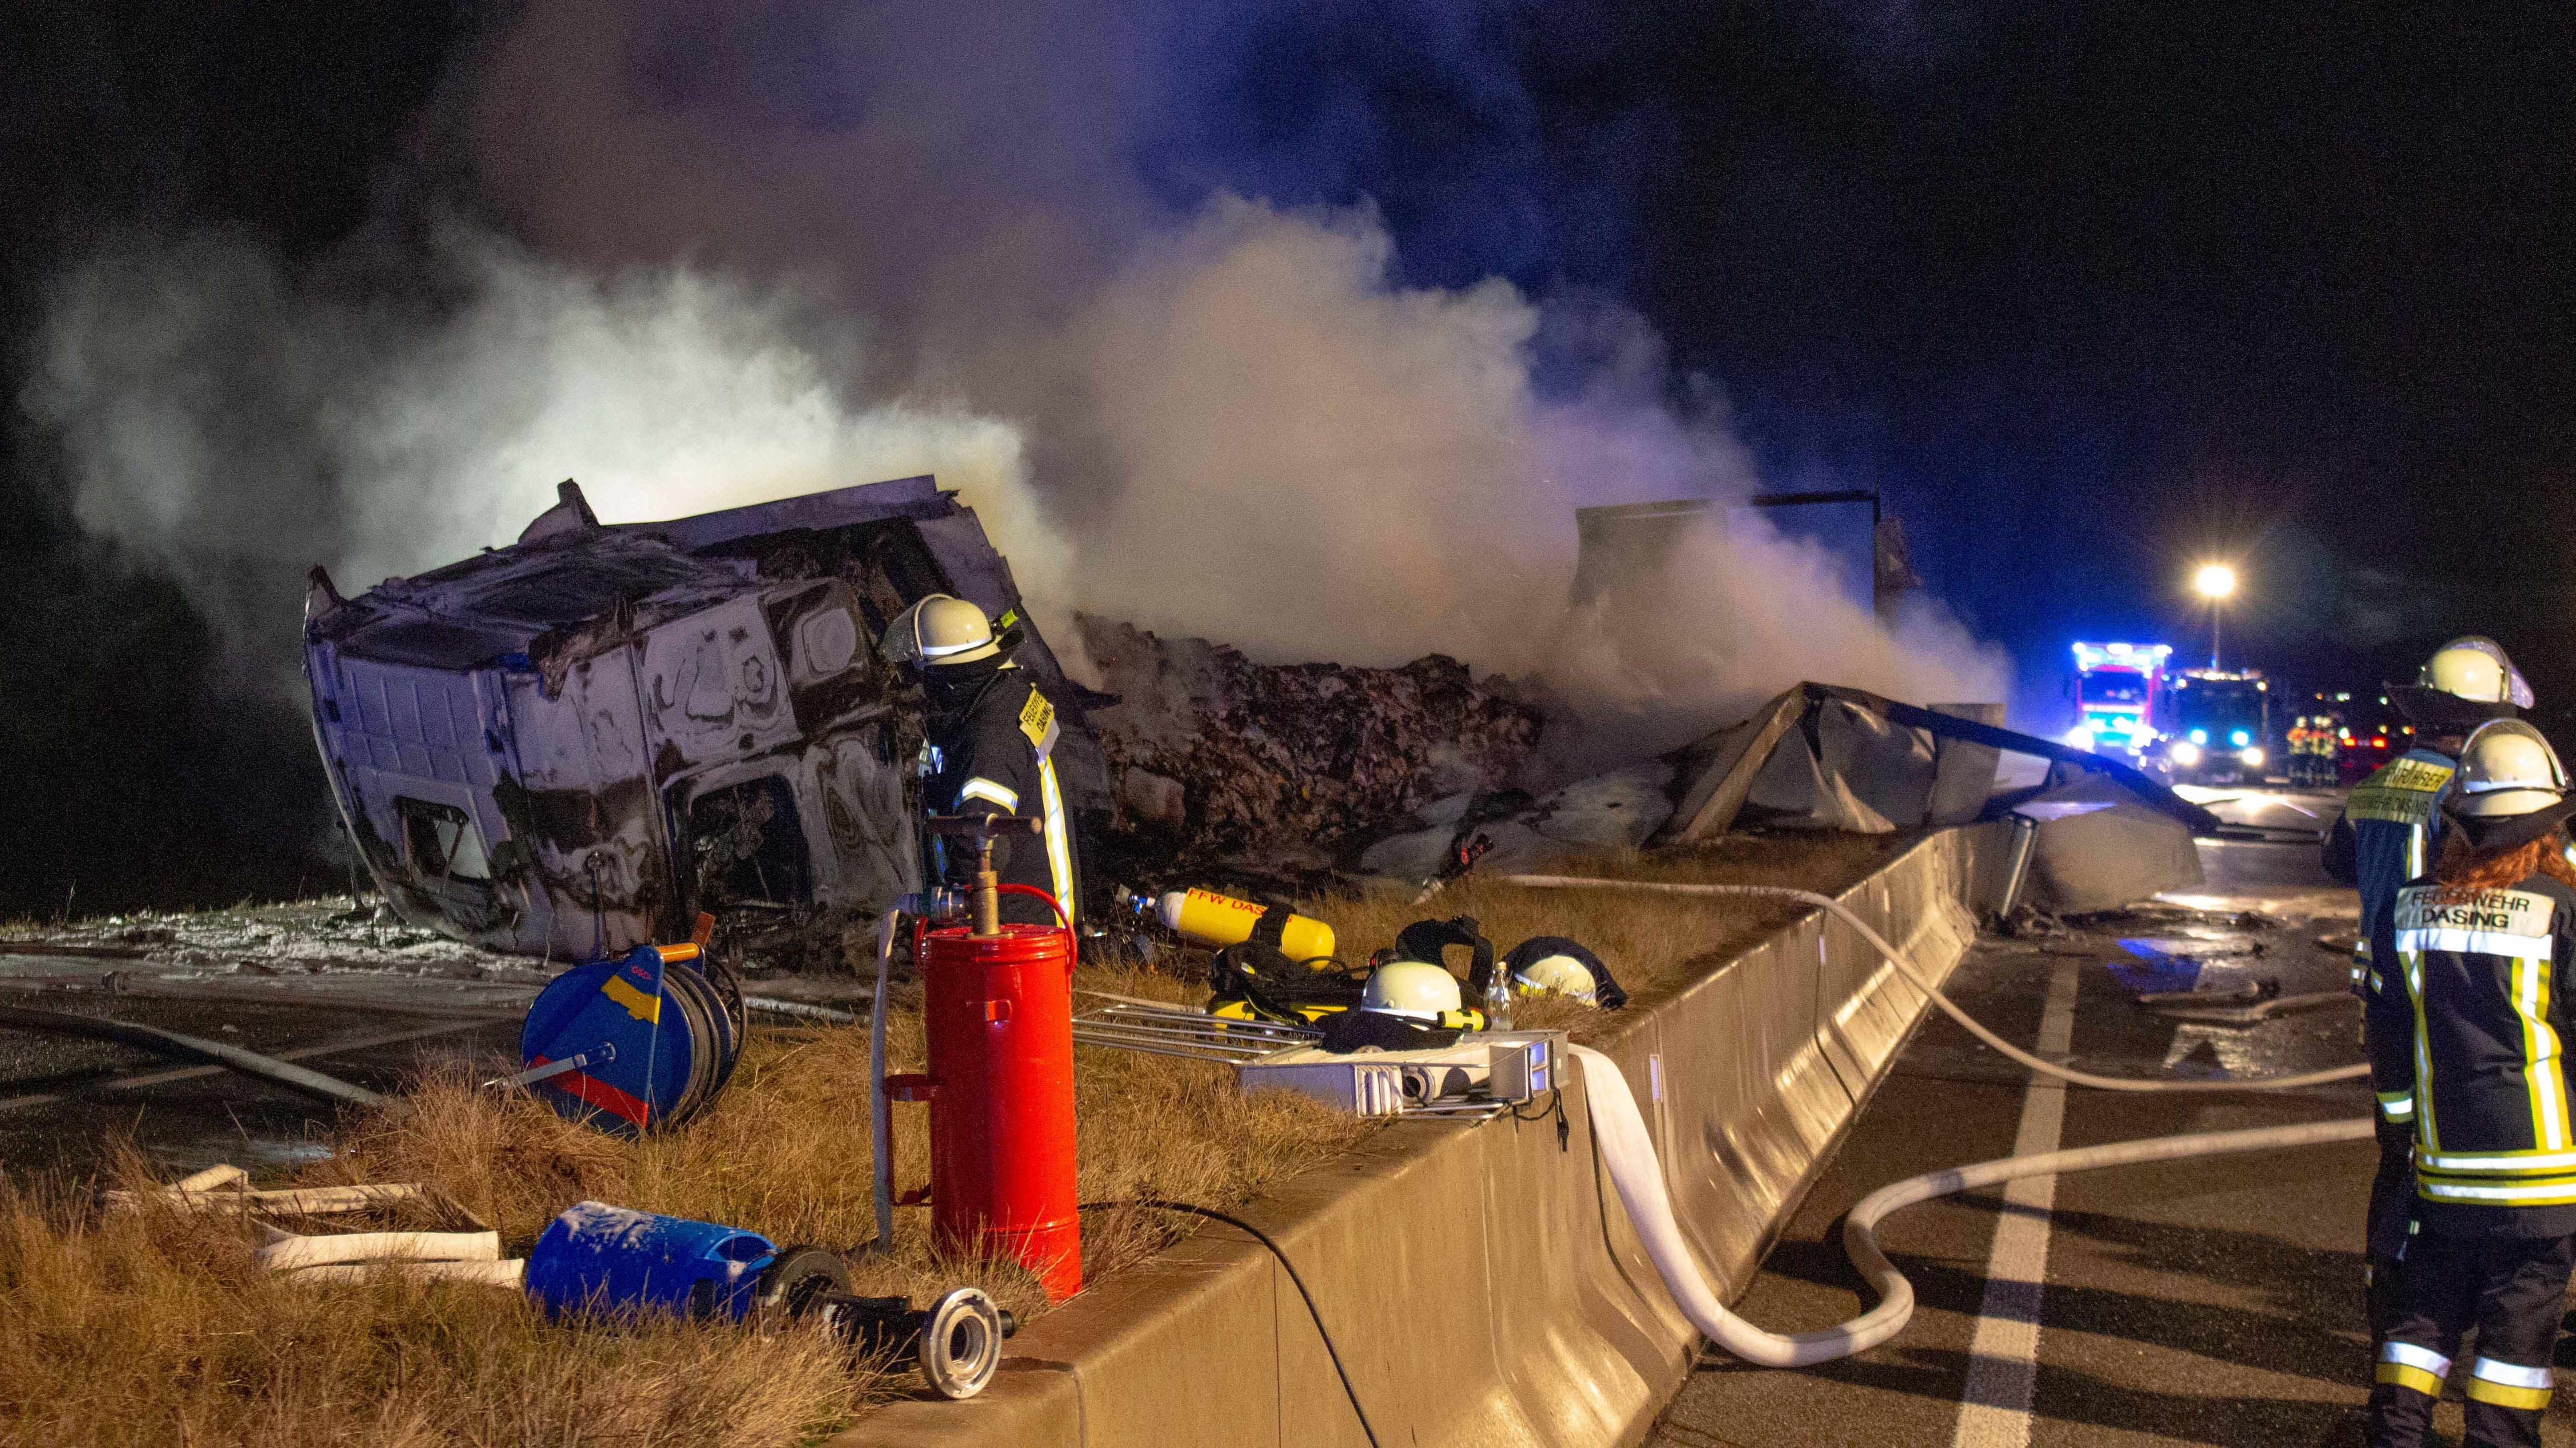 Schwerer LKW-Unfall auf der B300 zwischen Aichach-Süd und Ecknach. Ein LKW ist in Flammen aufgegangen und komplett ausgebrannt.